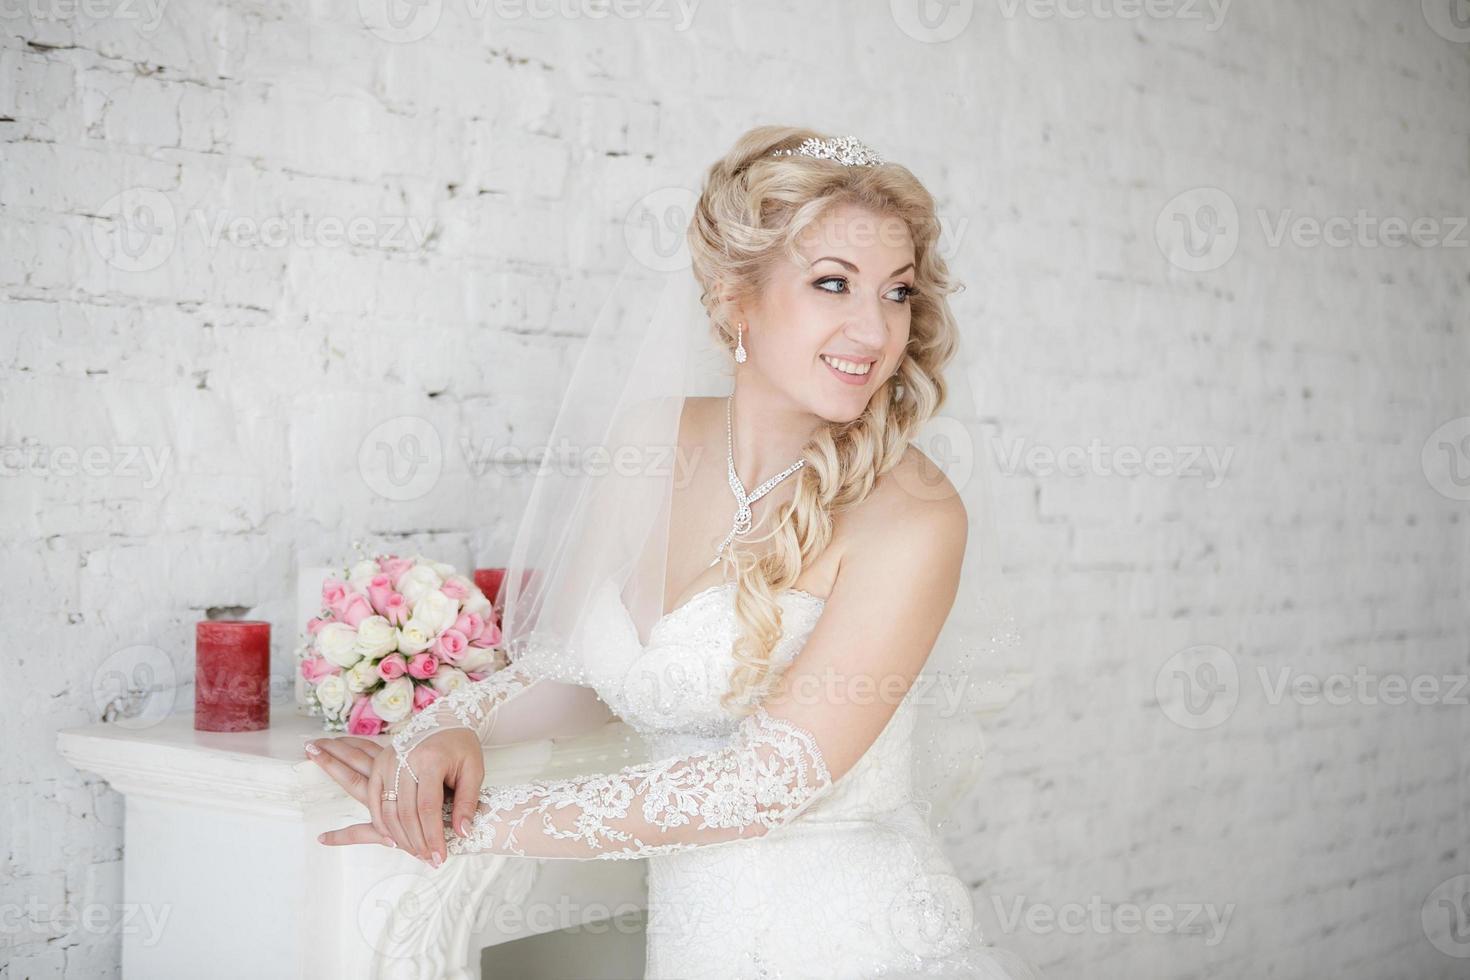 linda noiva com buquê de casamento perto da lareira foto